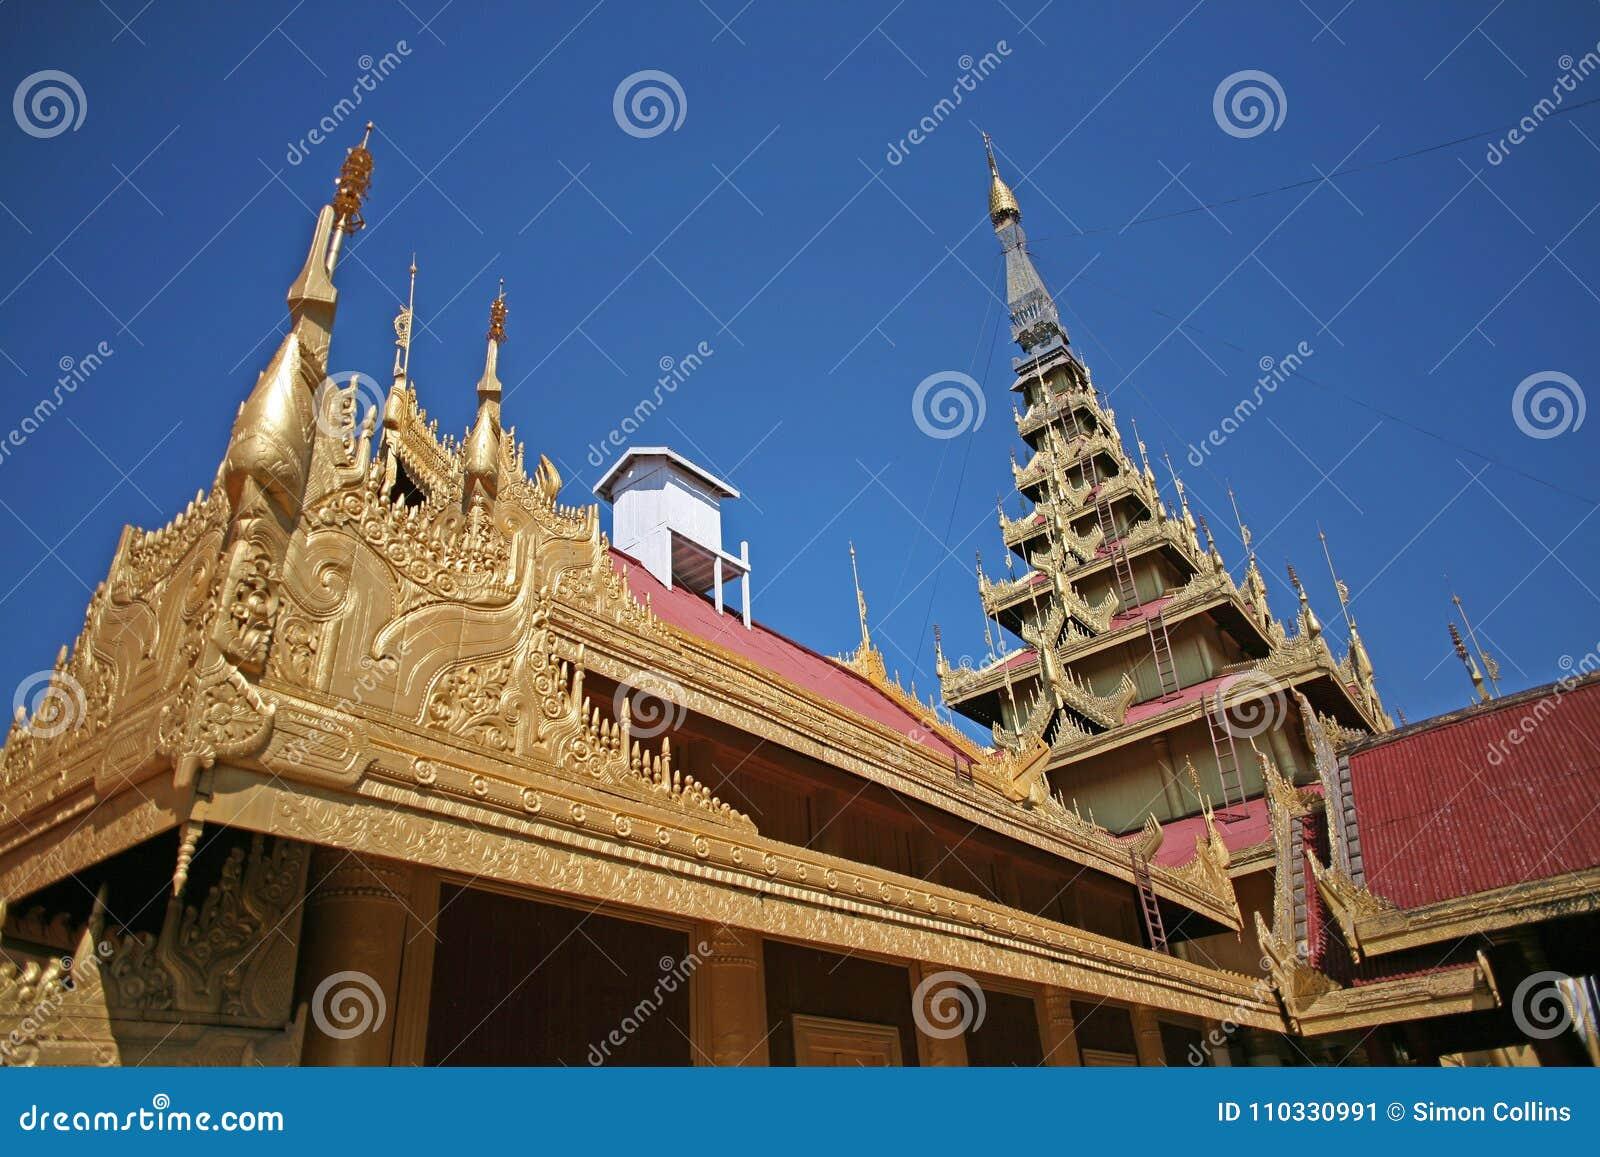 Οι χρυσοί και λαμπυρίζοντας κώνοι του κεντρικού παλατιού σύνθετου στο Mandalay, το Μιανμάρ